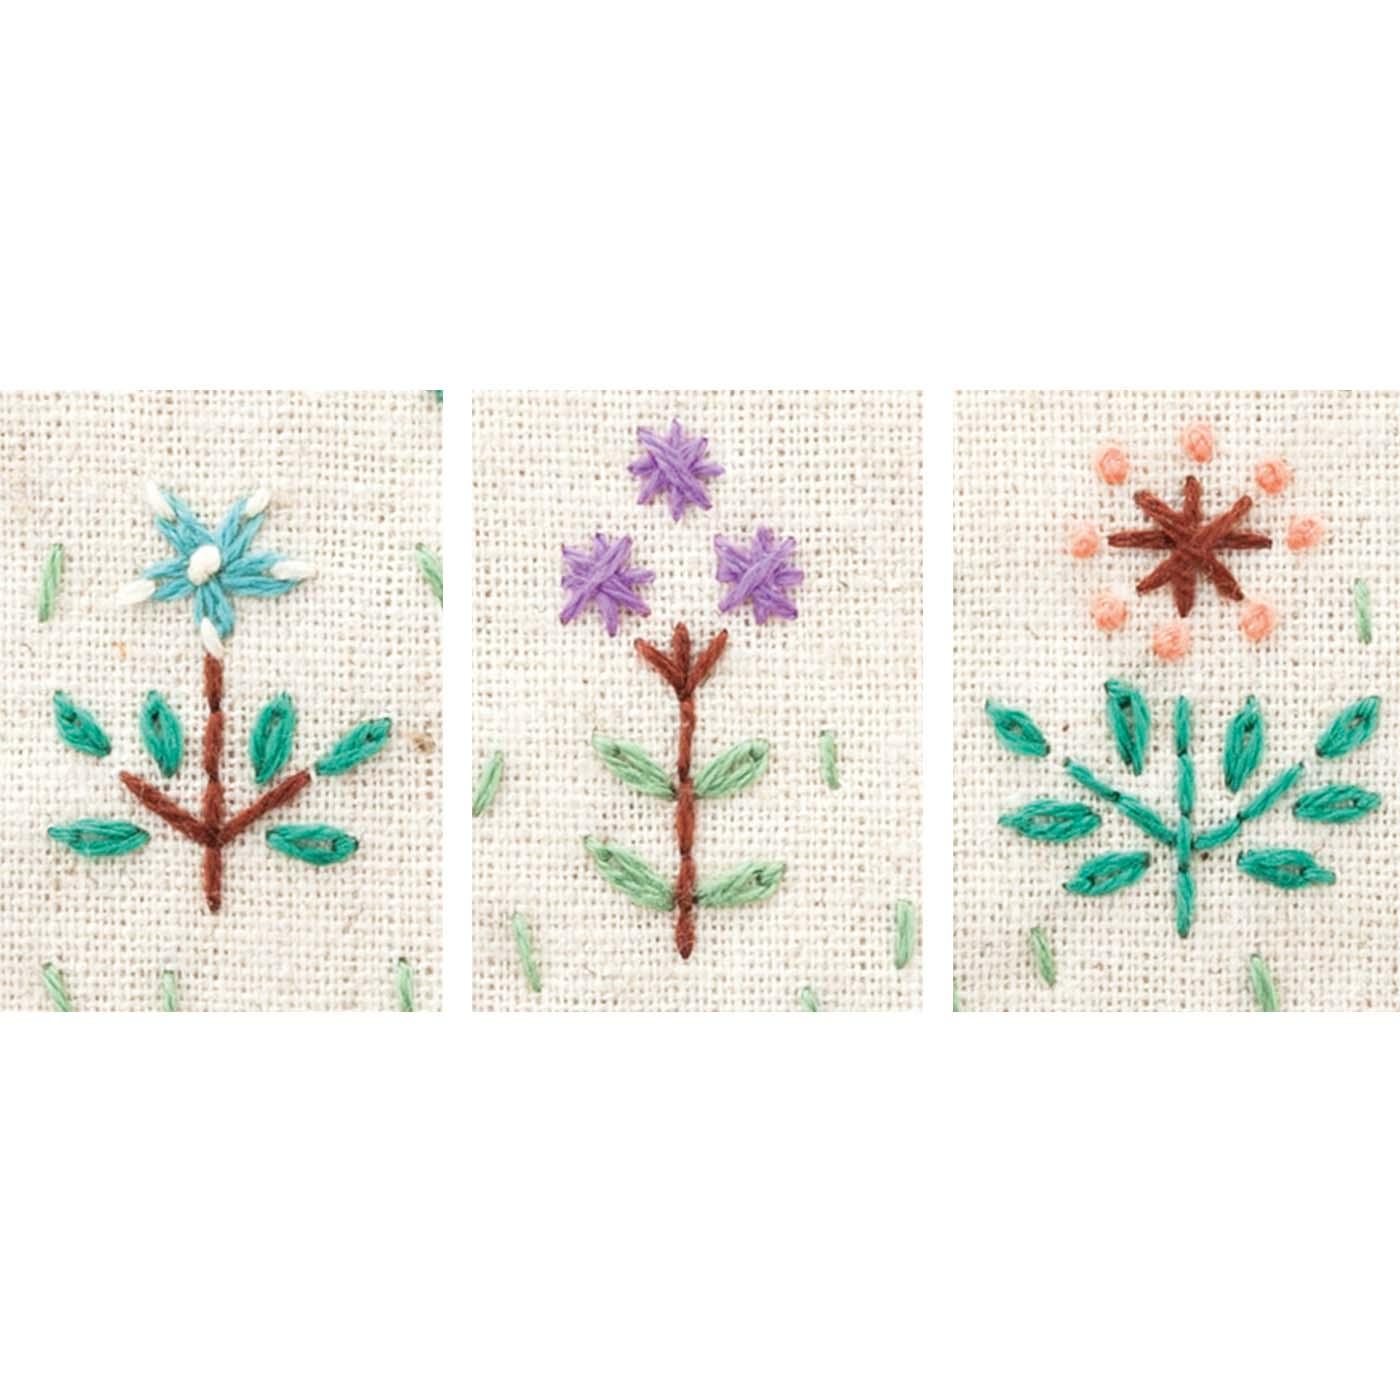 2ヵ月目[簡単なステッチで多彩な表現] ダブルクロスステッチやレゼーテージステッチなど、お花だけでも多彩な表現方法が。使えるステッチの種類を増やしていきましょう。